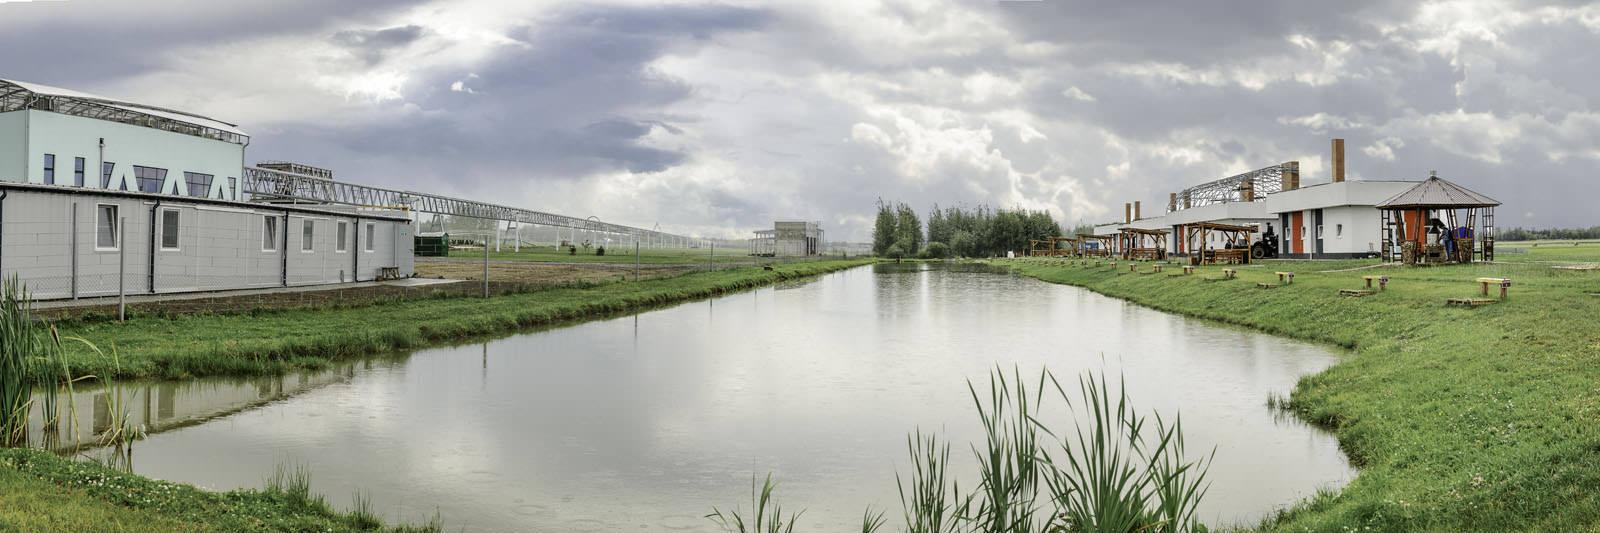 Водоём элитной платной рыбалки на территории Беларуси в КФК «Юницкого»